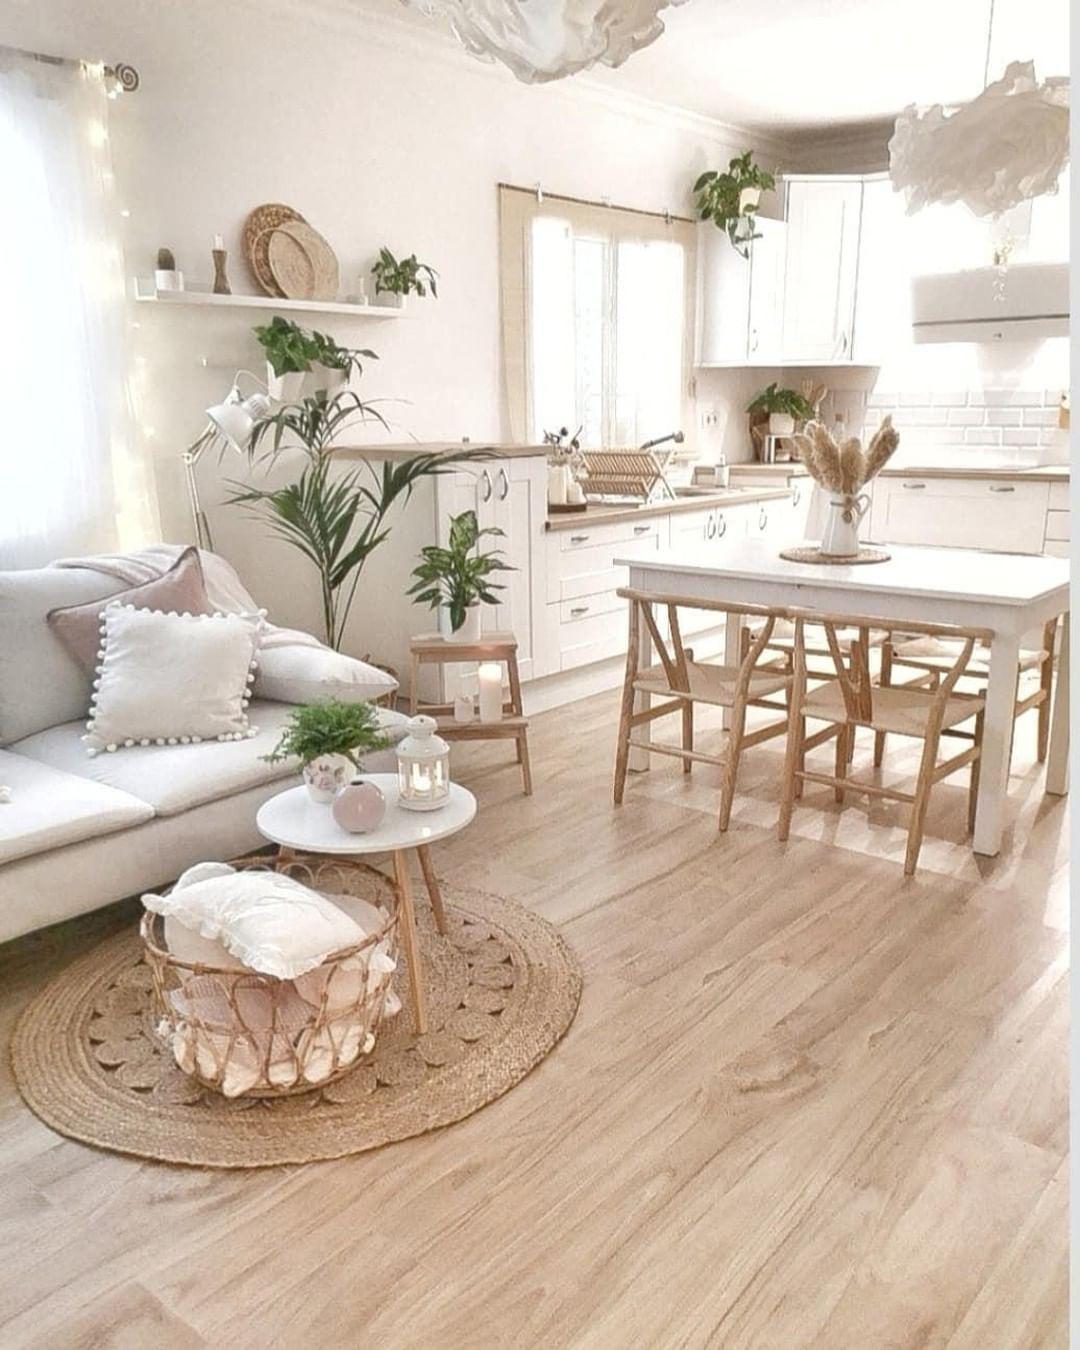 dekorationsideen 10 schöne Wohnzimmer Ideen #Dekoration #Ideen